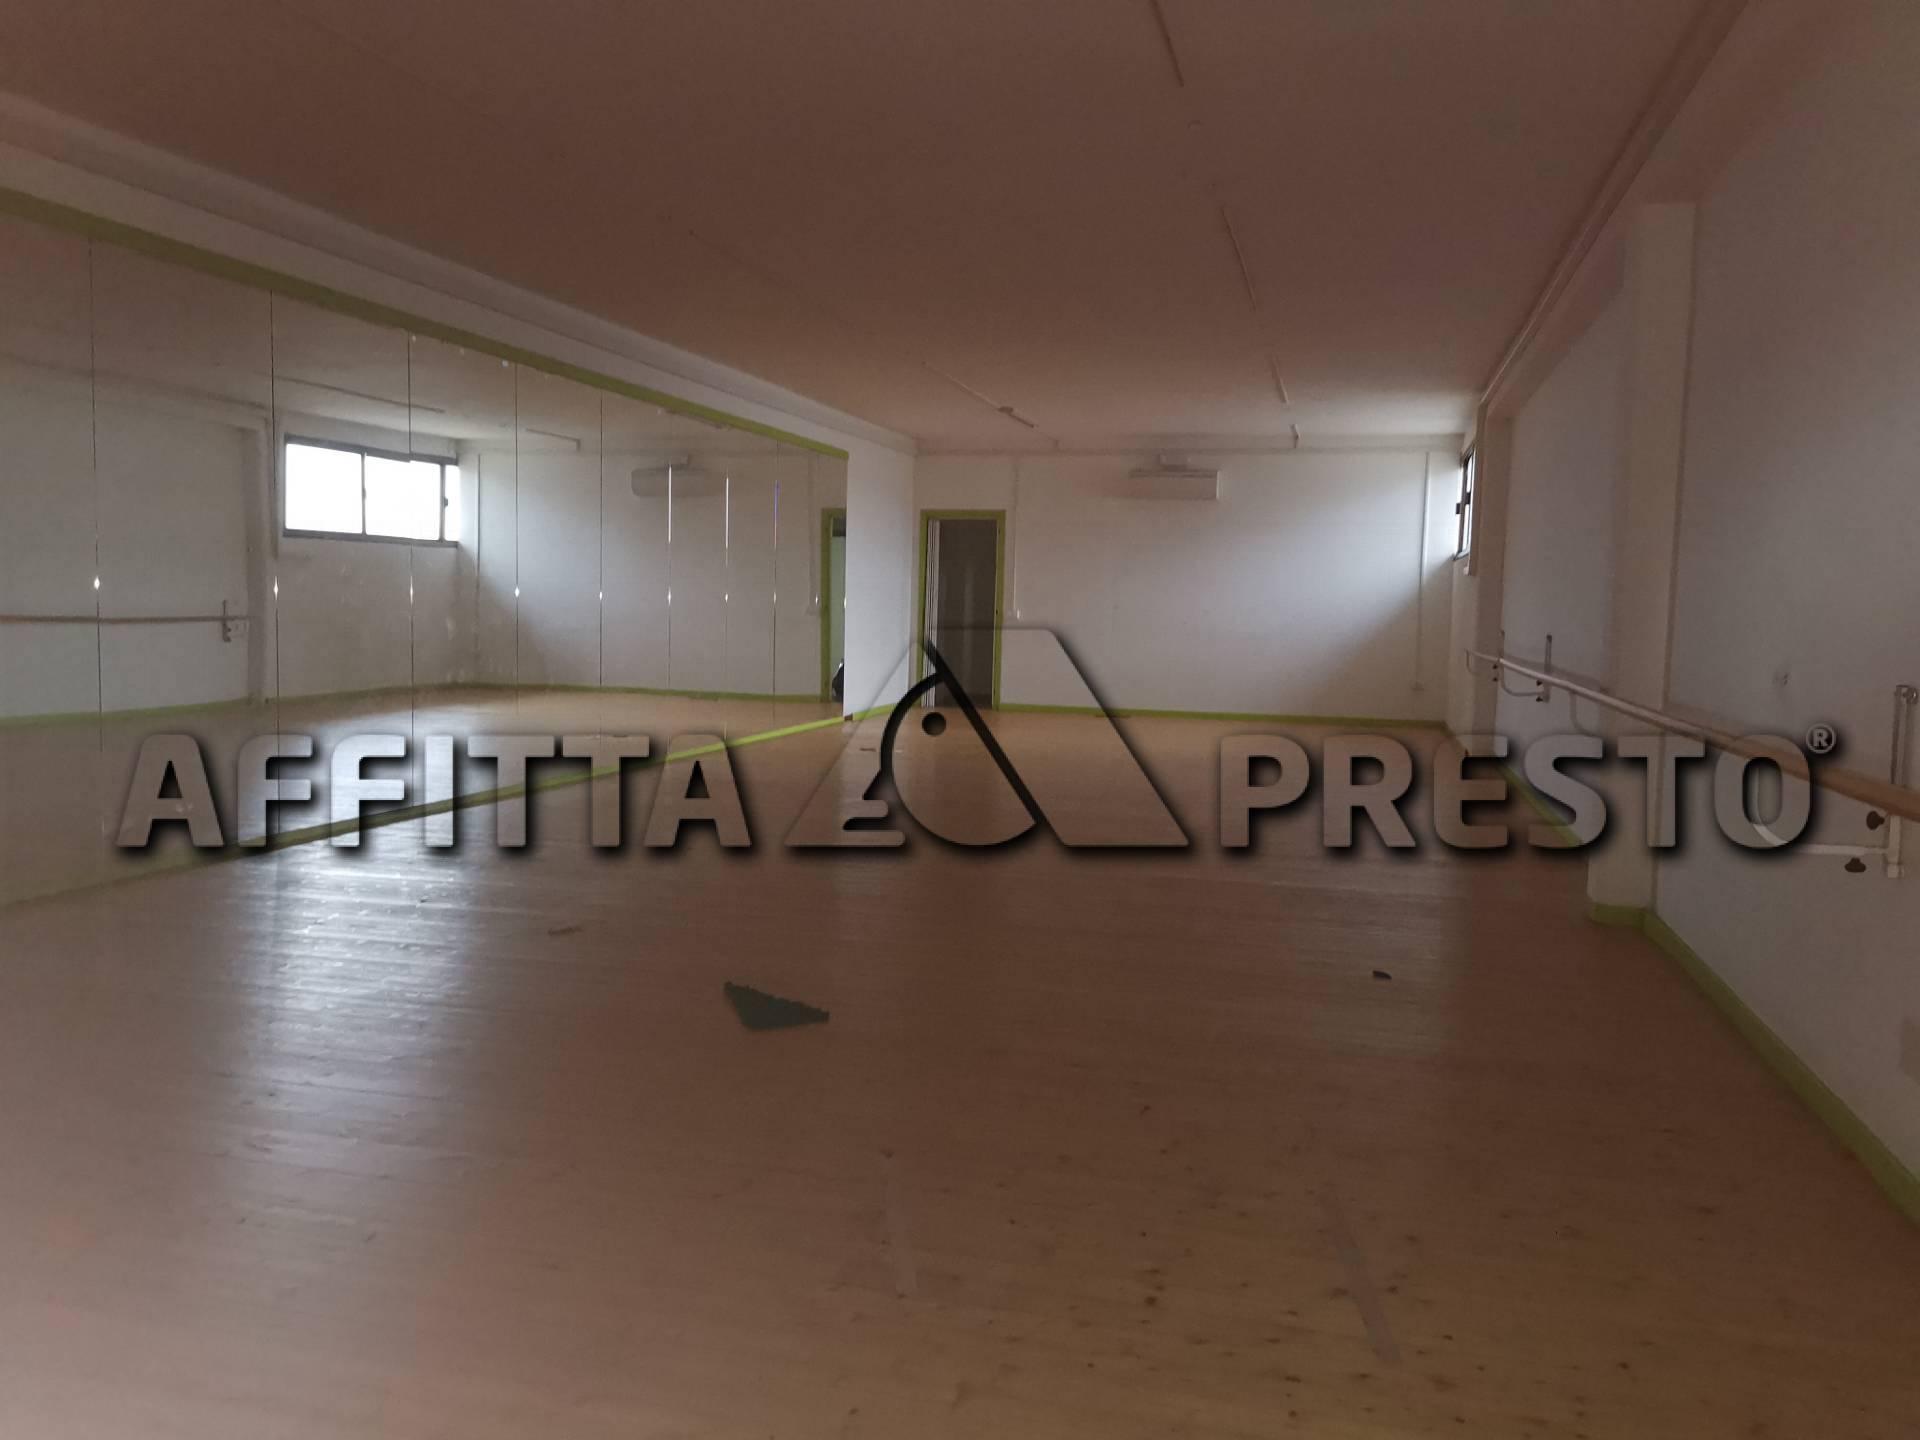 Attività commerciale in affitto a Calcinaia (PI)